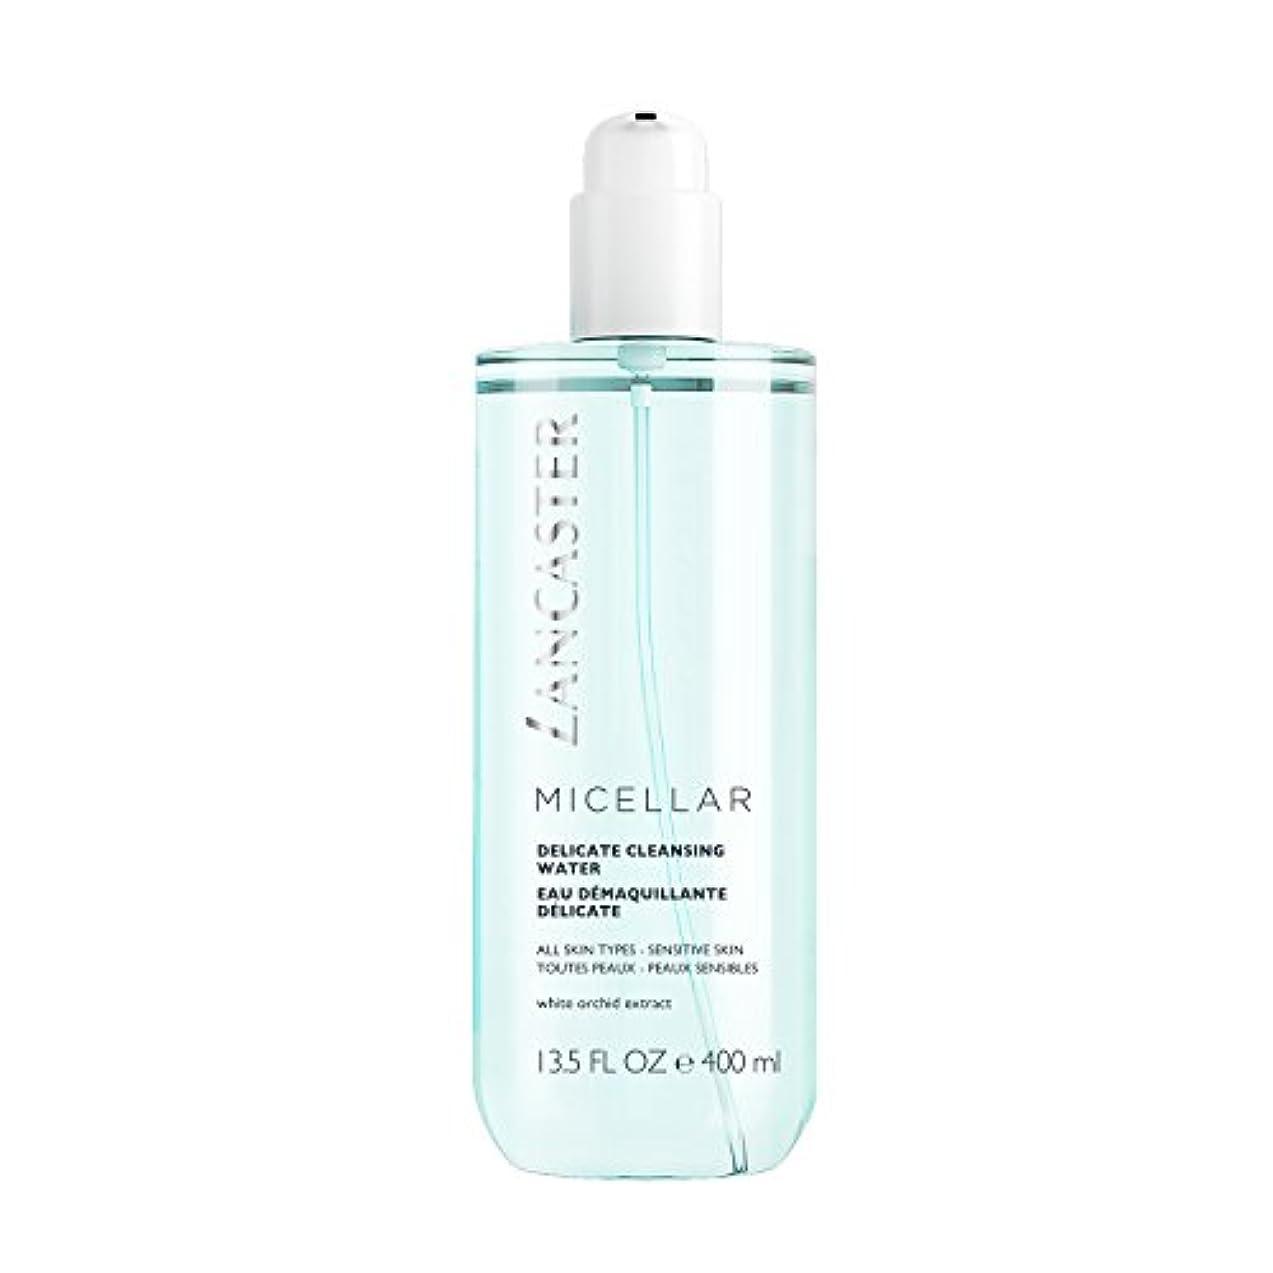 バーマド貫入検閲ランカスター Micellar Delicate Cleansing Water - All Skin Types, Including Sensitive Skin 400ml/13.5oz並行輸入品